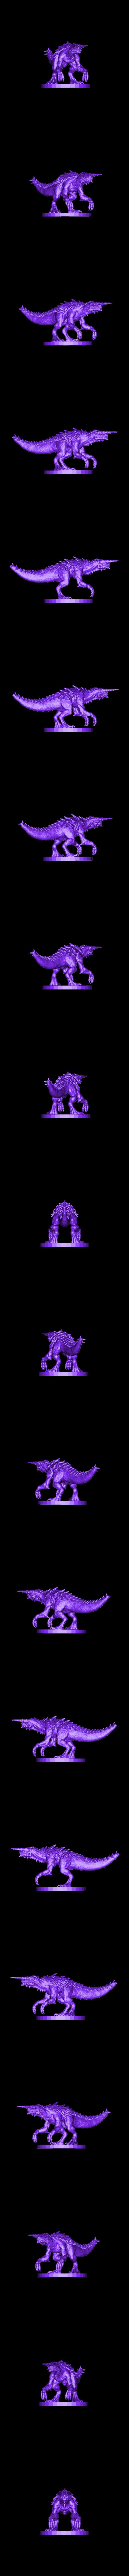 tarrasque.obj Télécharger fichier OBJ gratuit Tarrasque • Plan pour impression 3D, kphillsculpting